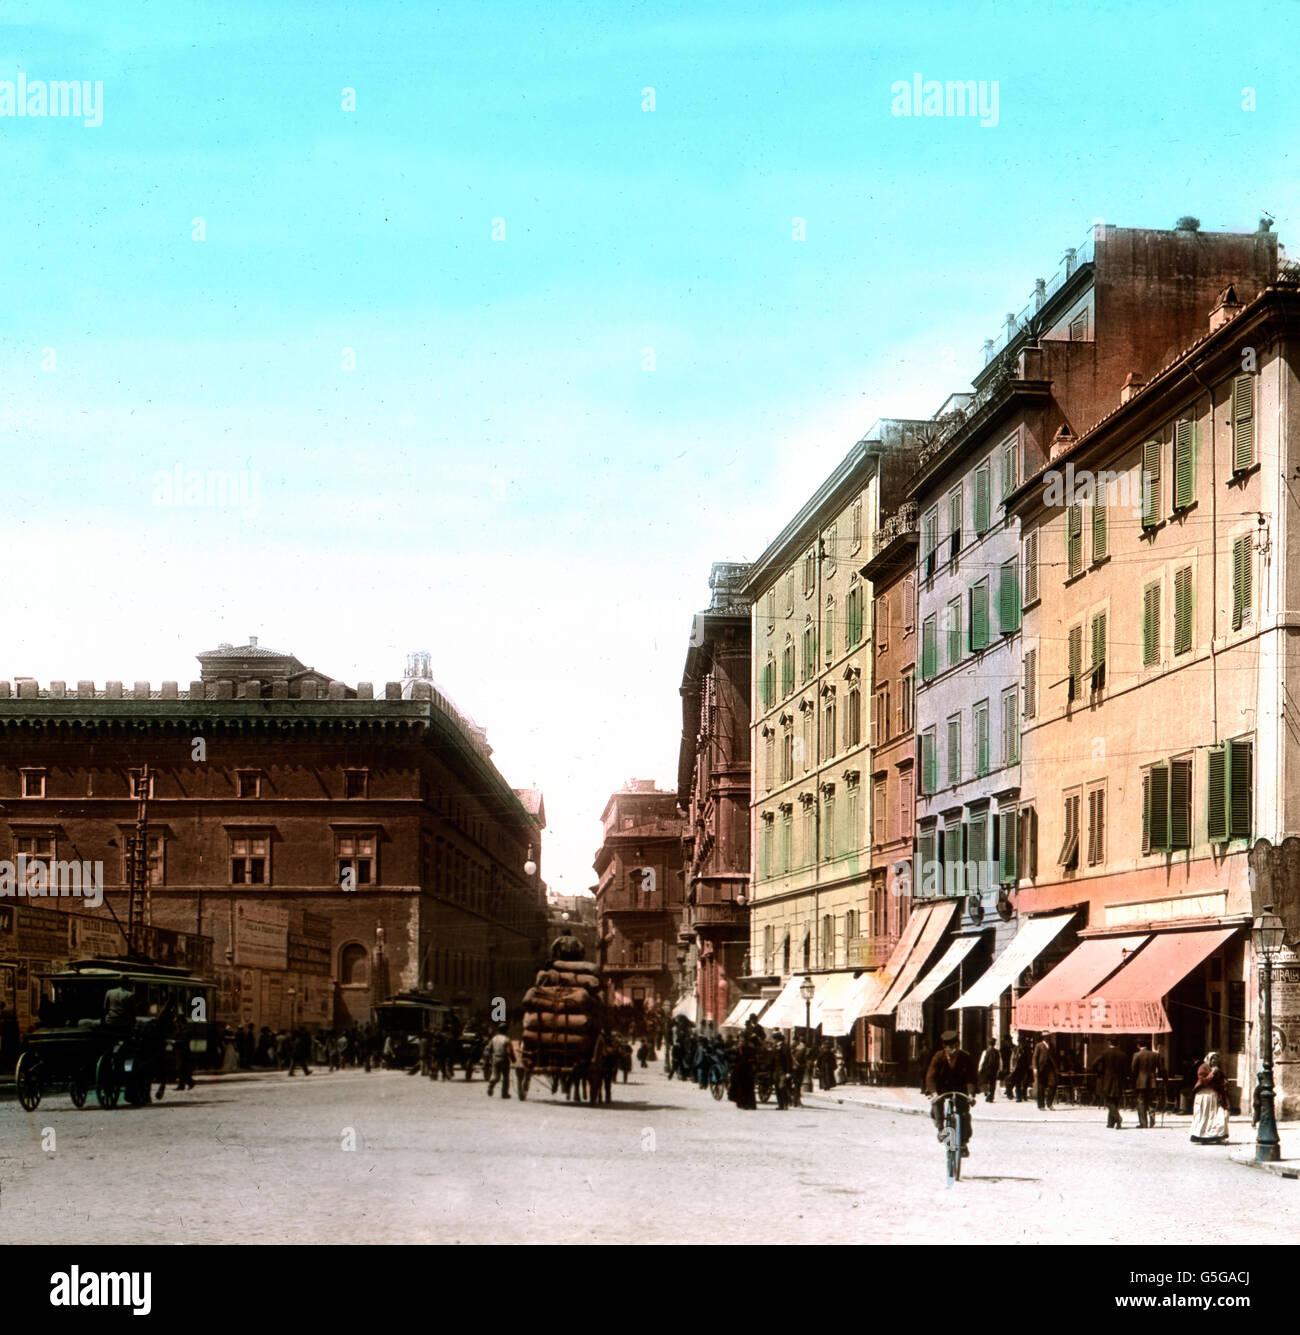 Venezischer Platz in Rom Venedig Platz in der Stadt Rom. Platz ...